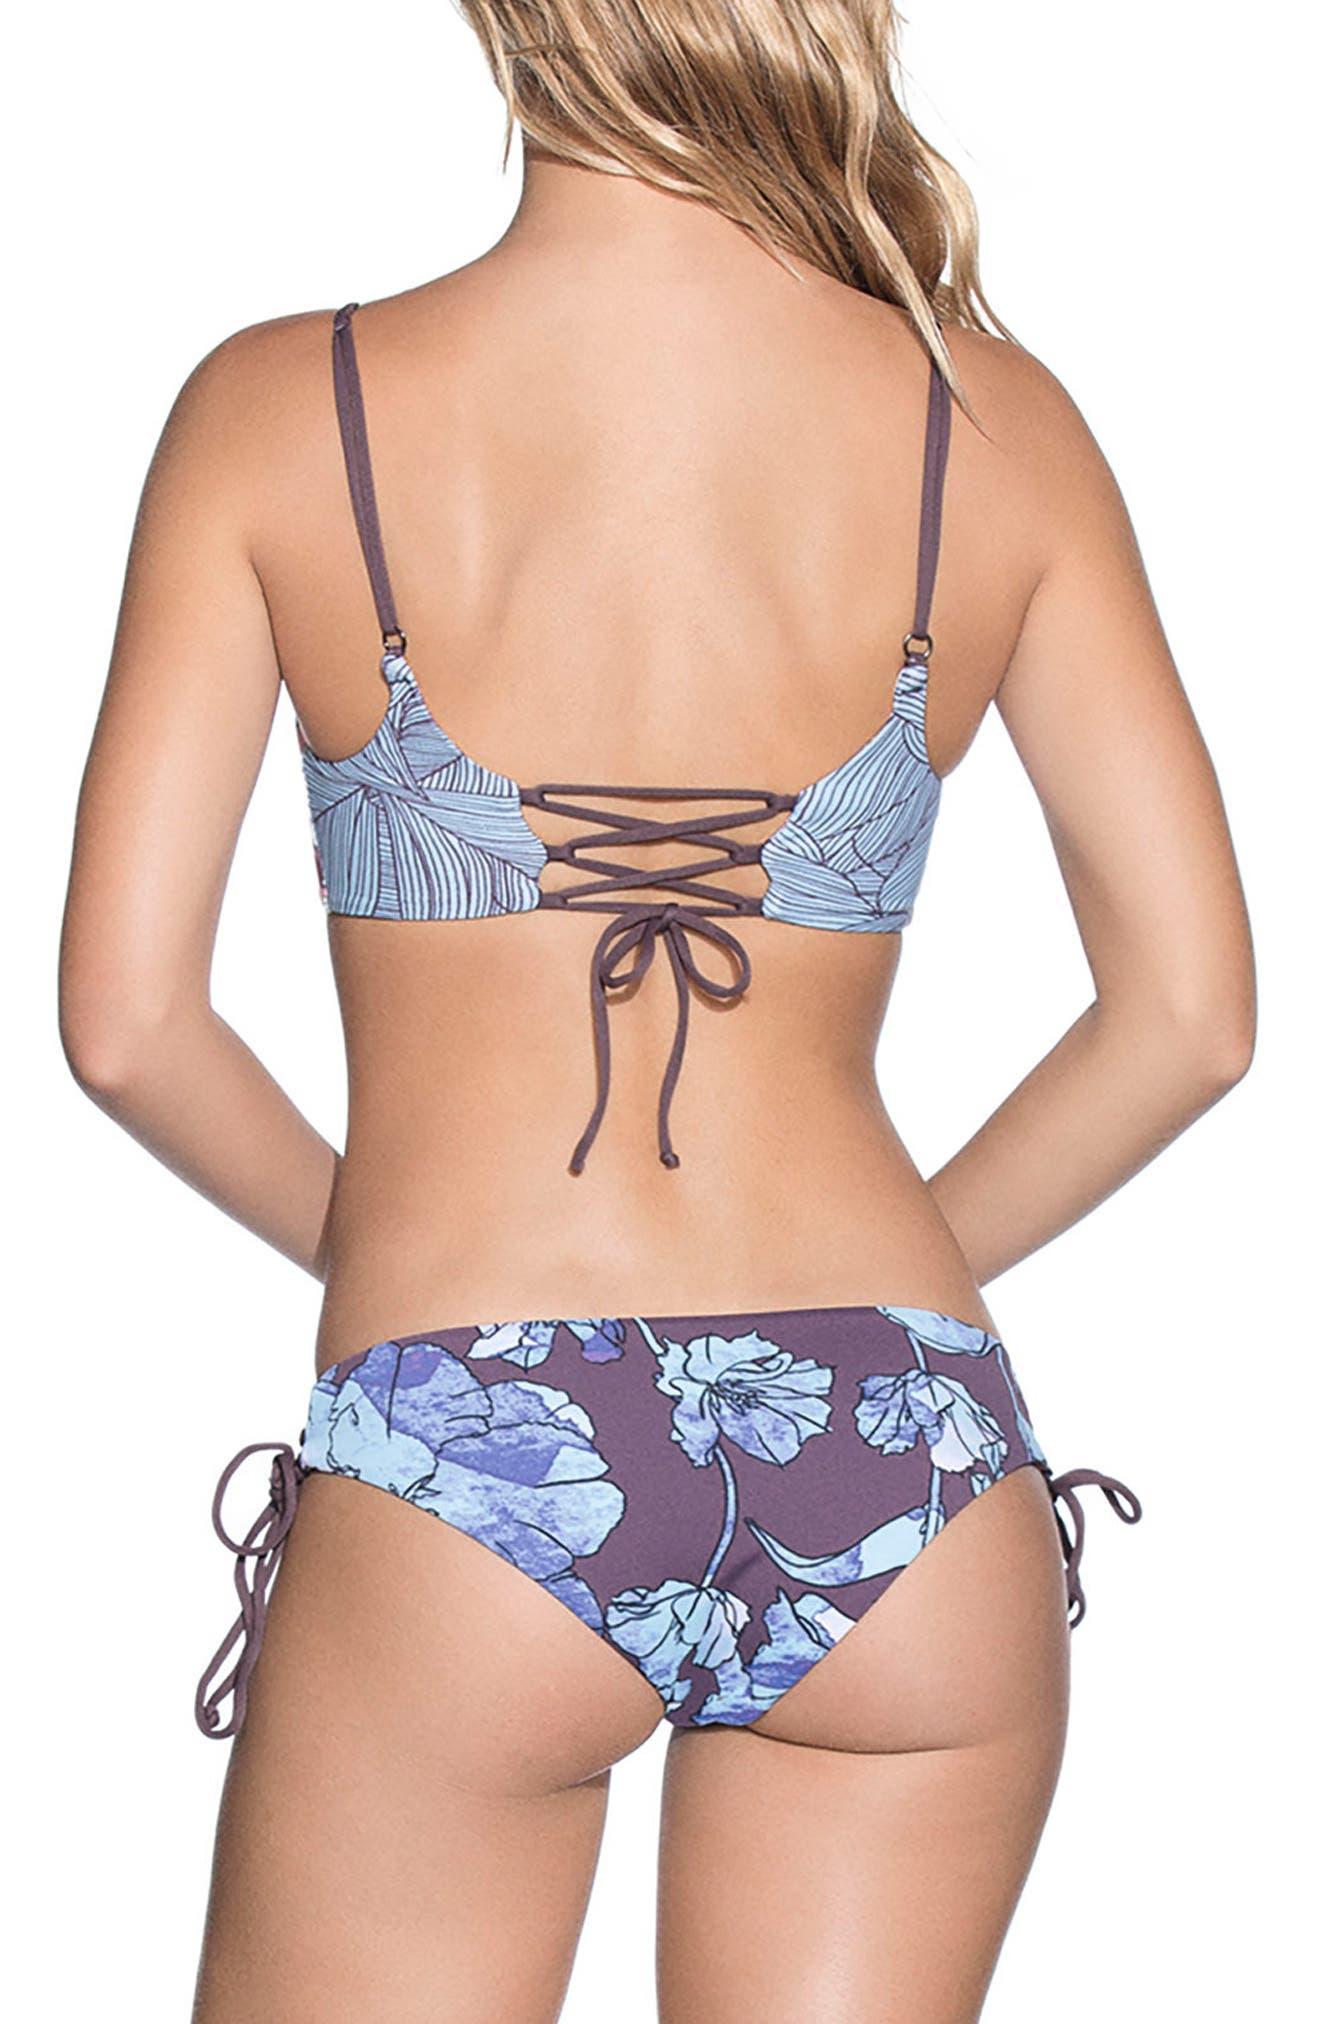 Providence Island Signature Rervsible Bikini Bottoms,                             Alternate thumbnail 4, color,                             Light Blue Multi